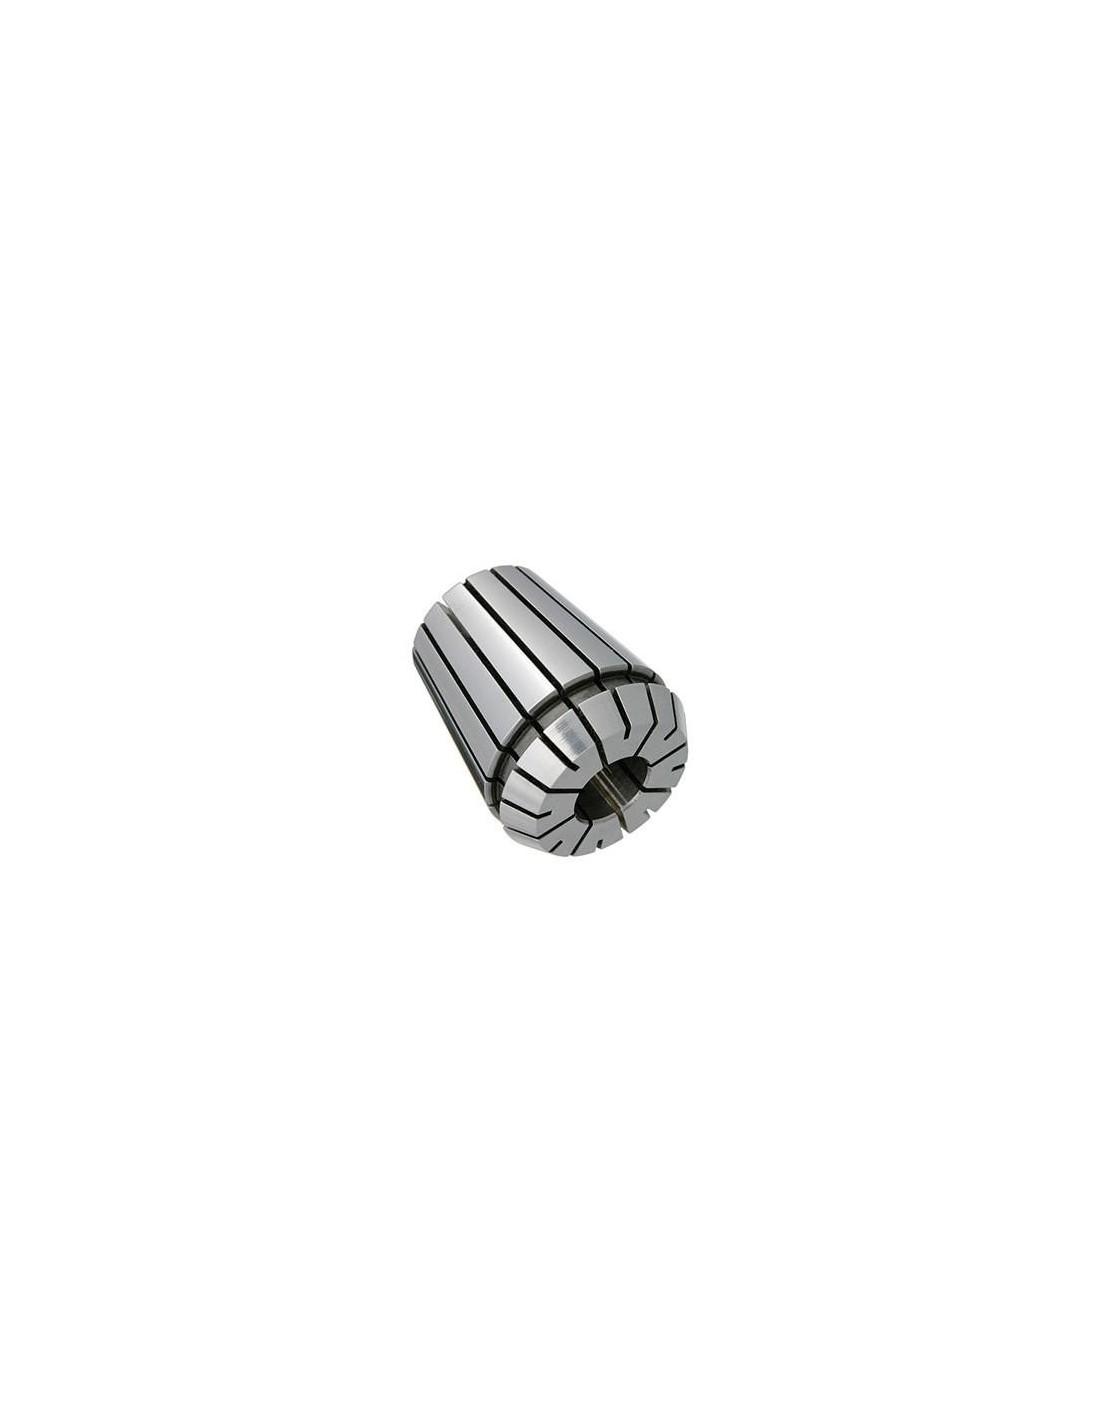 Bucsa elastica Canela tip ER 16, DIN 6499B, 10,0 mm